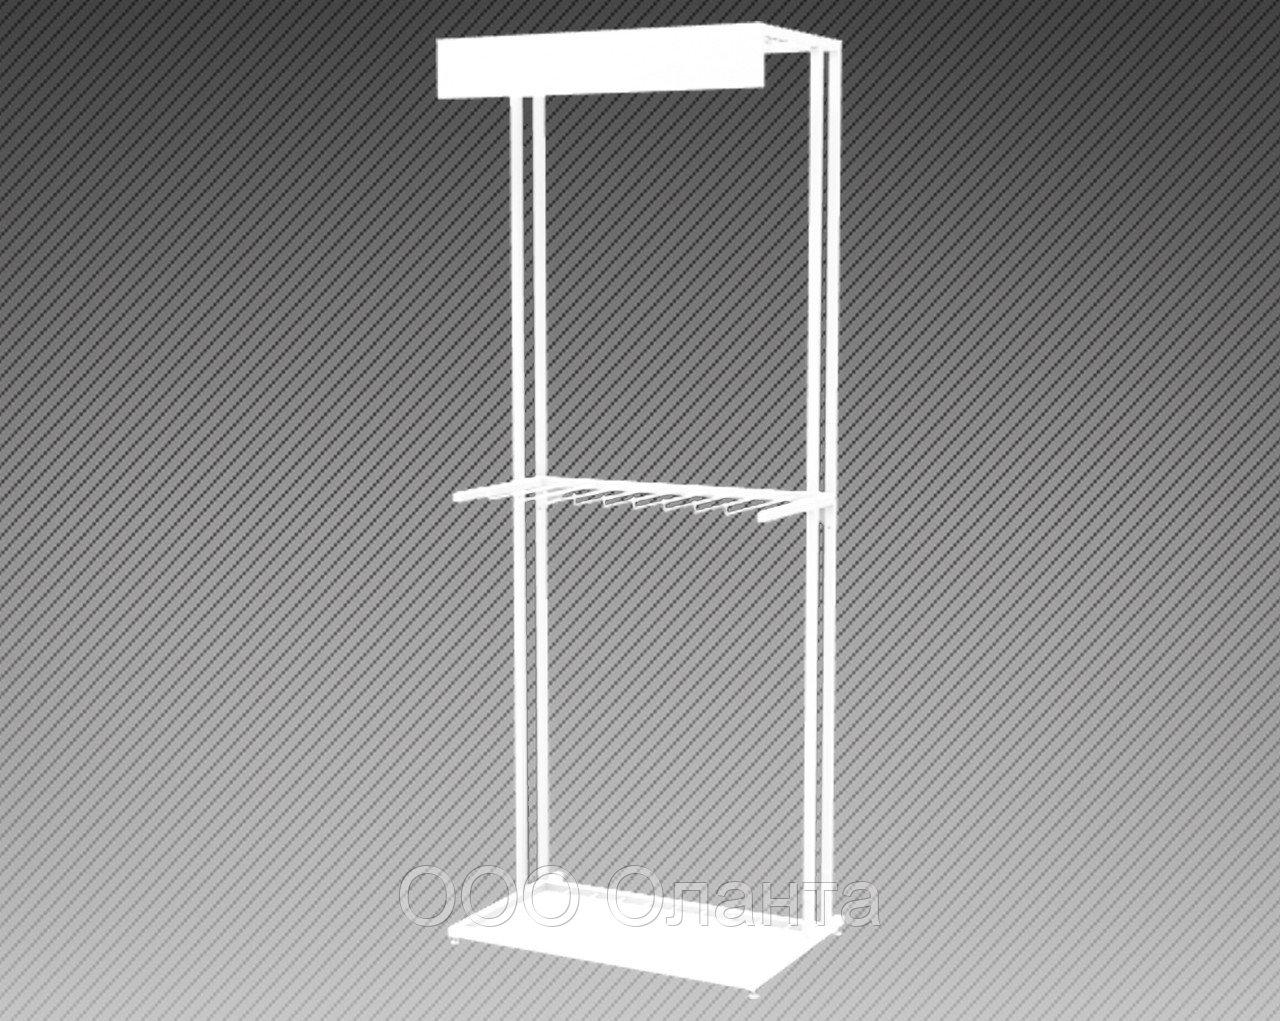 Стеллаж погонажный вертикального хранения арт. СПГ